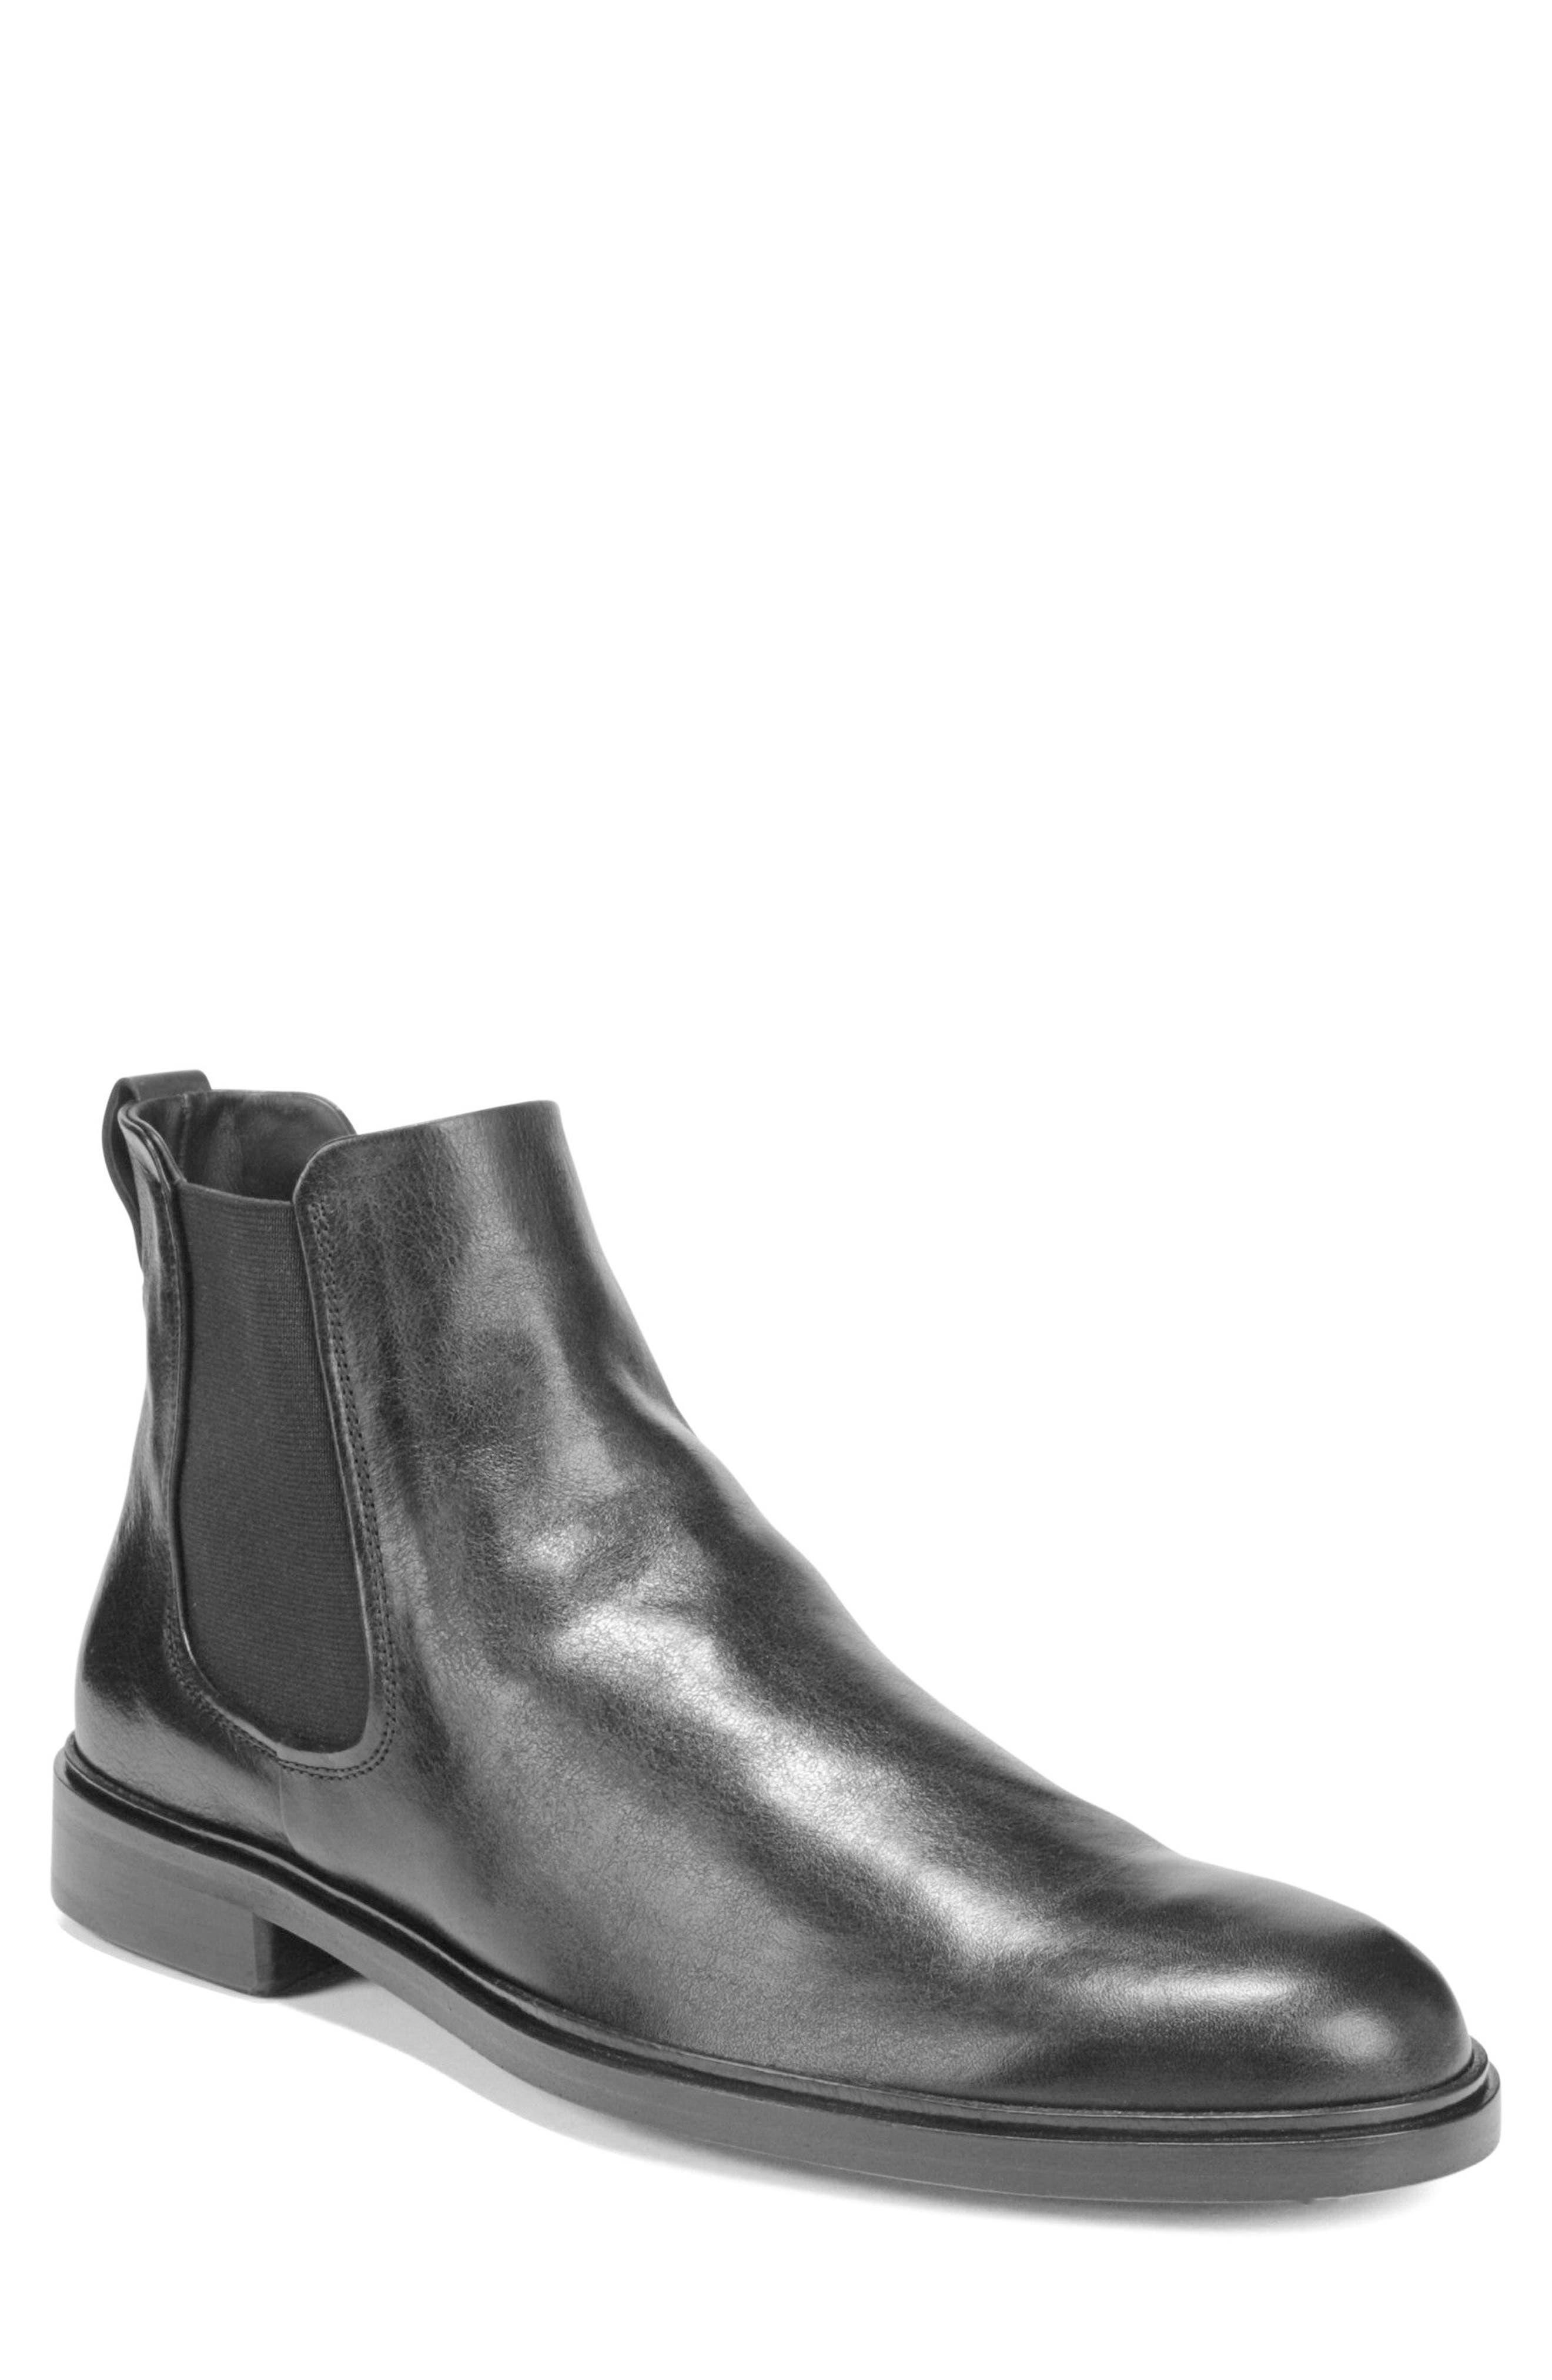 VINCE Burroughs Chelsea Boot, Main, color, BLACK